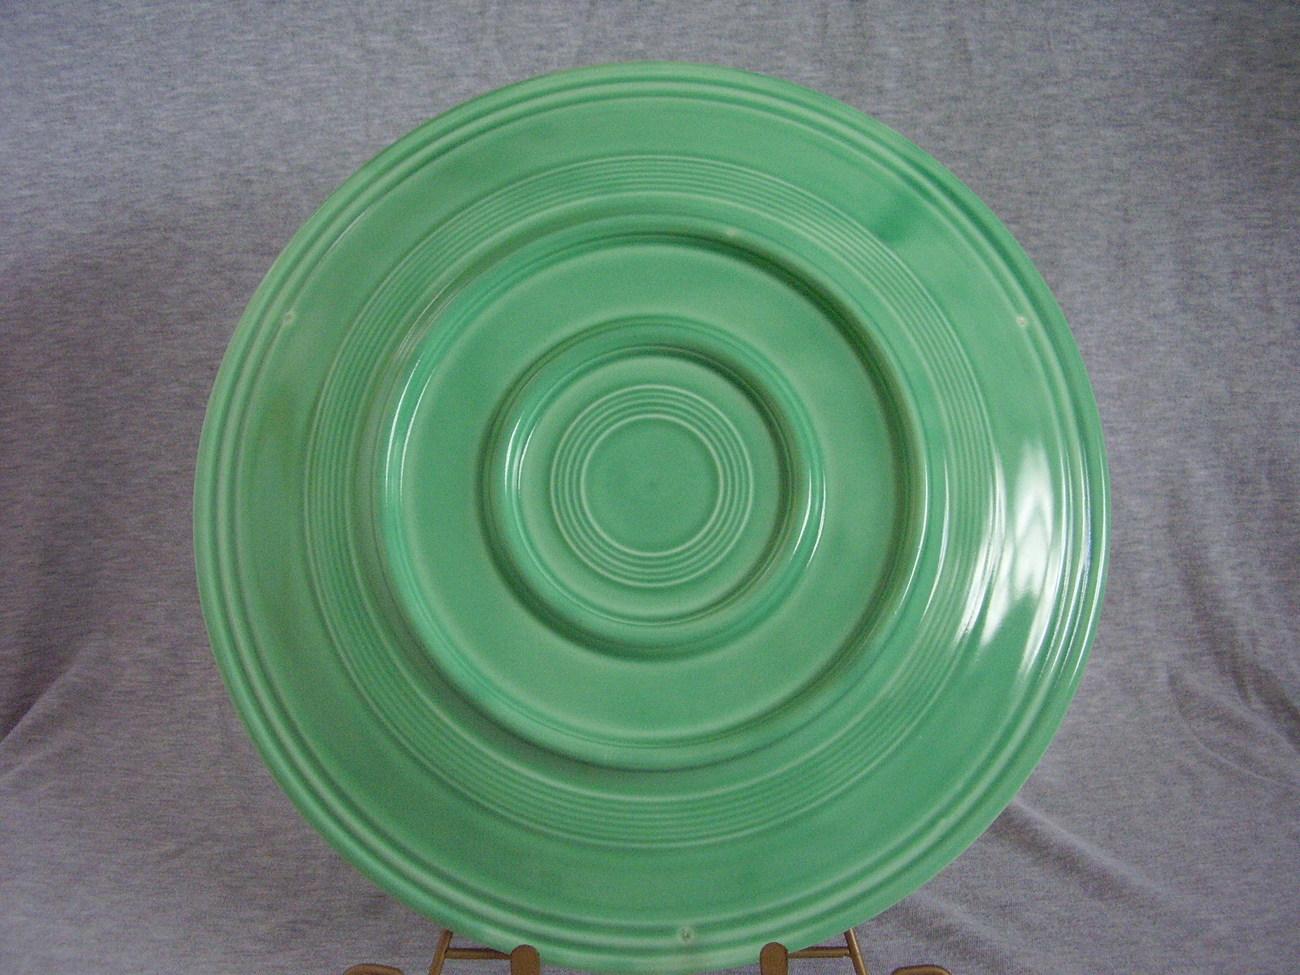 Vintage Fiestaware Original Green 13 Inch Chop Plate